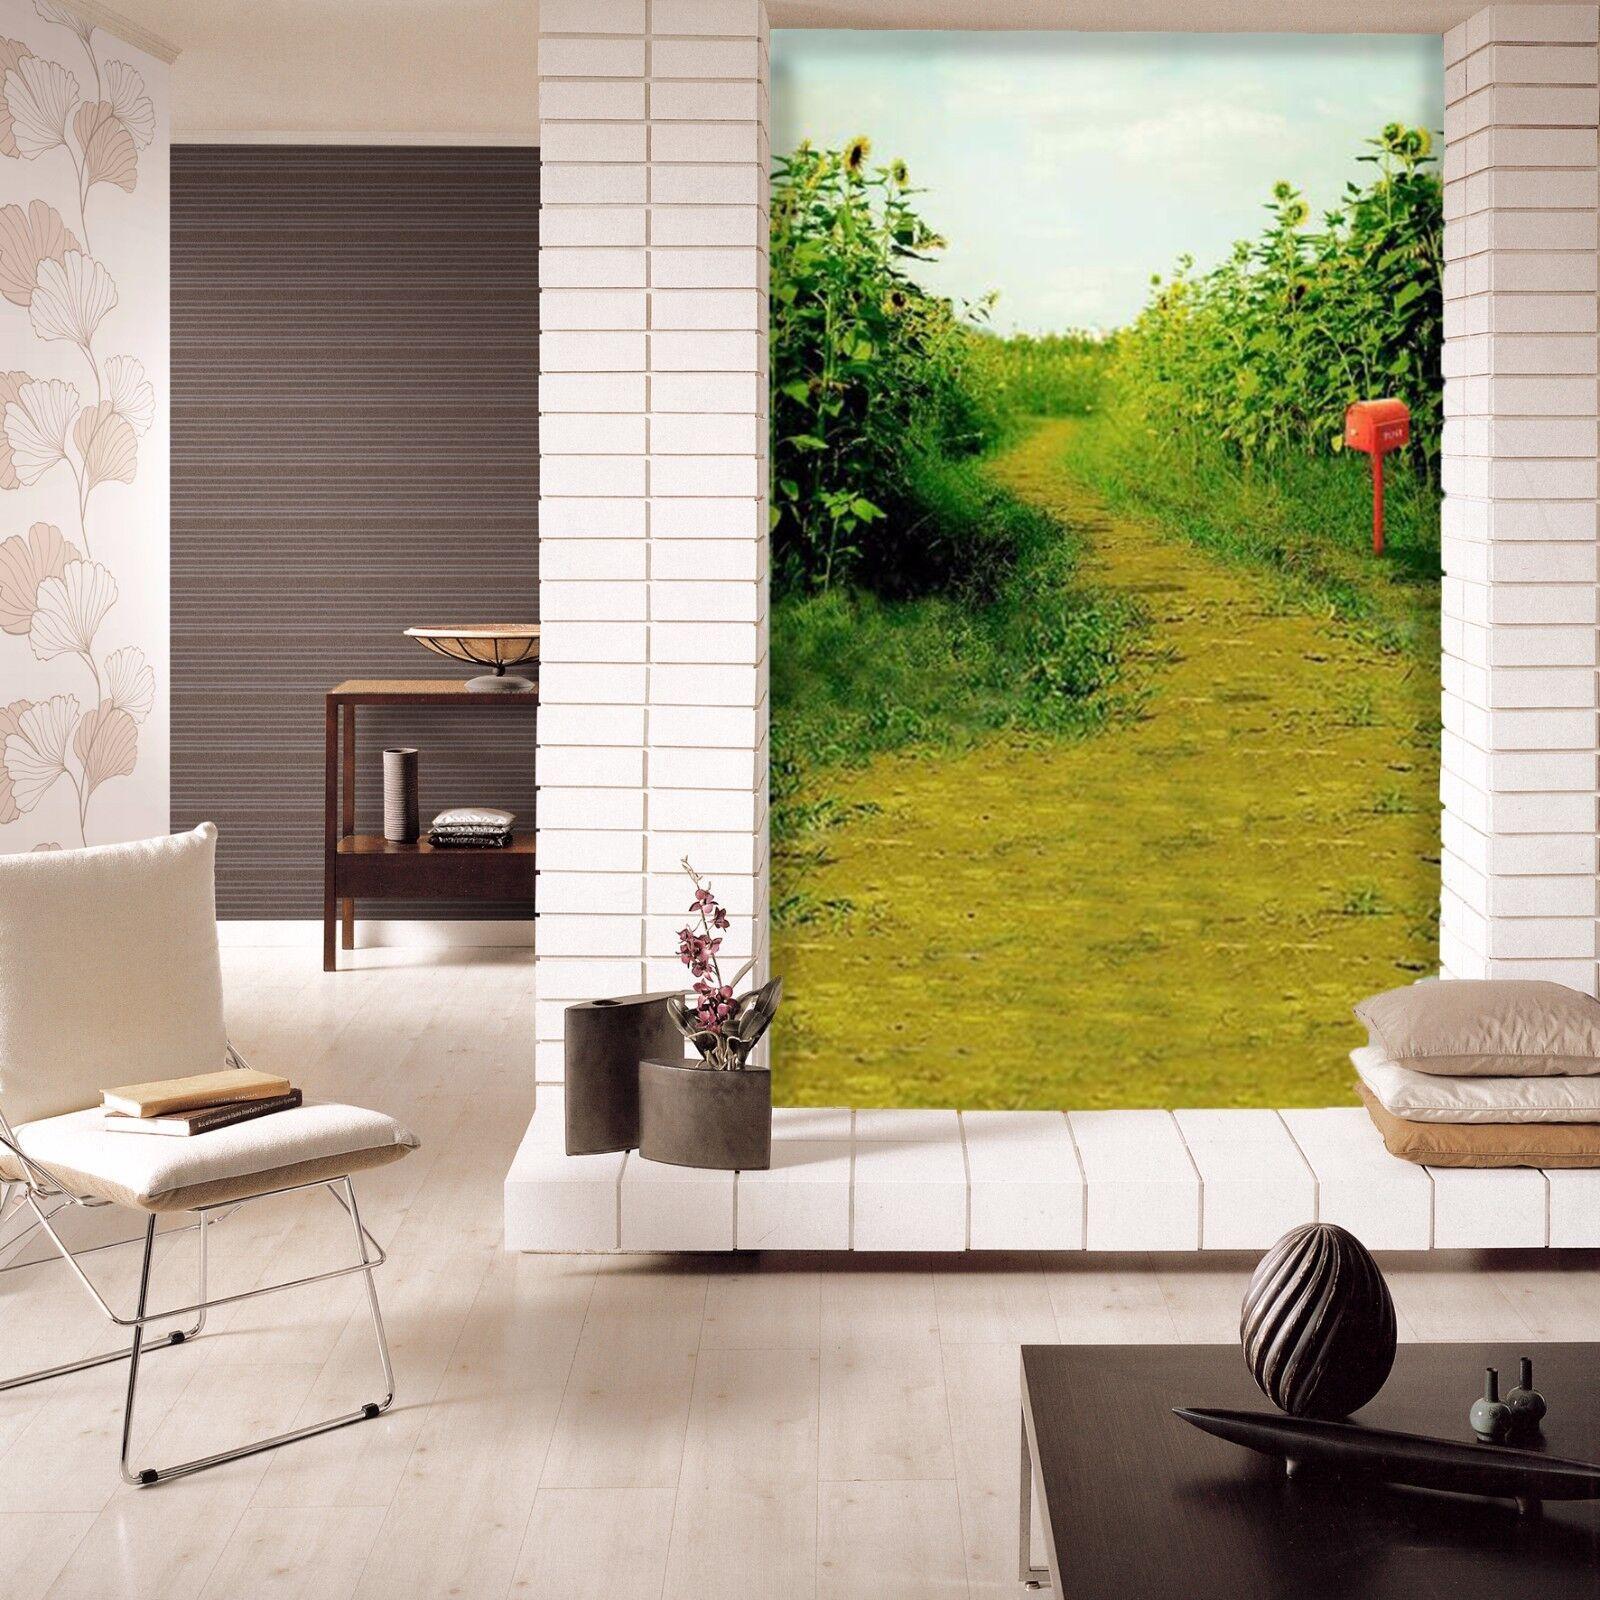 3D Sunflower Field 8 Wall Paper Murals Wall Print Wall Wallpaper Mural AU Summer